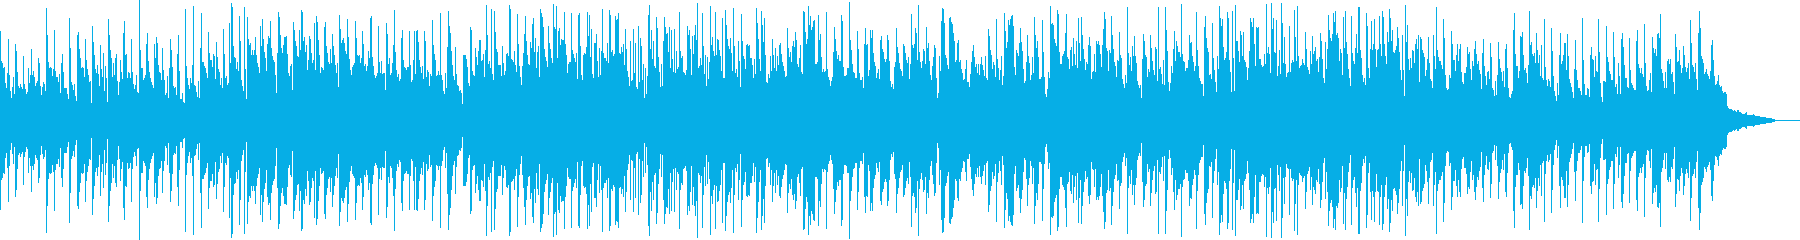 ほのぼのと落ち着いて演奏するバラードの再生済みの波形